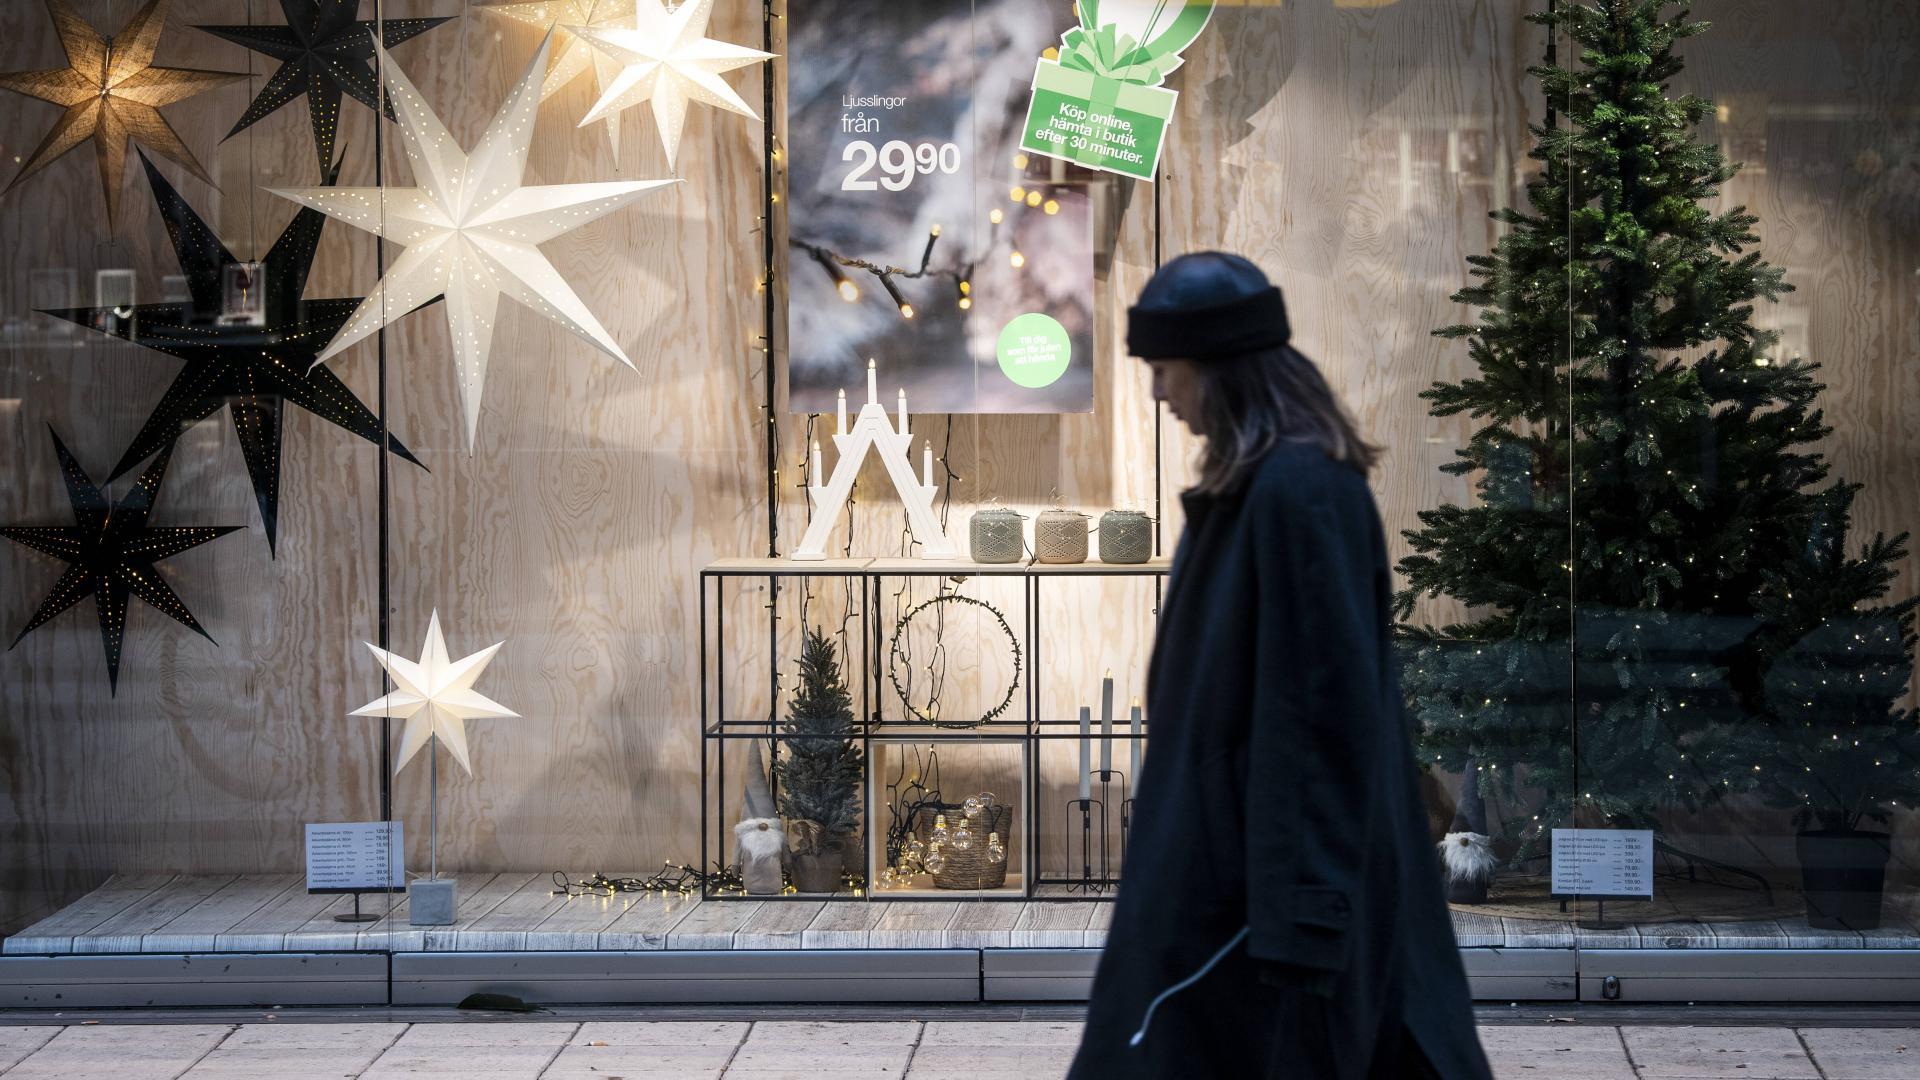 Frau Straße Weihnachten